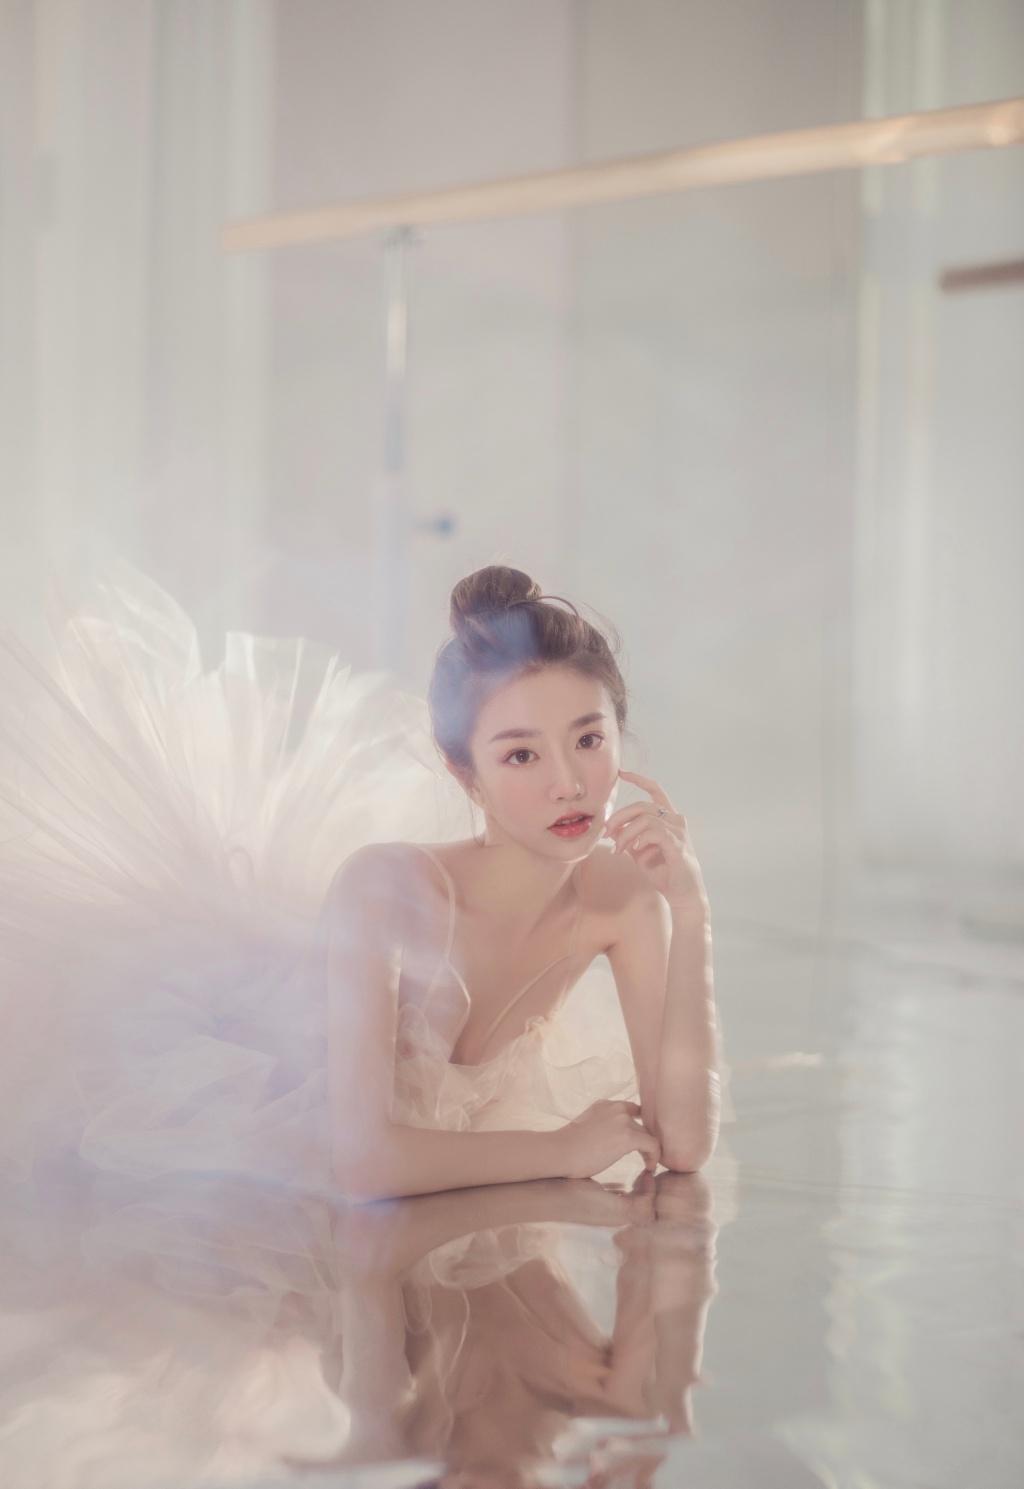 芭蕾小仙女,这就是你们越来越喜欢跳舞的女孩子的原因吗? 涨姿势 第6张